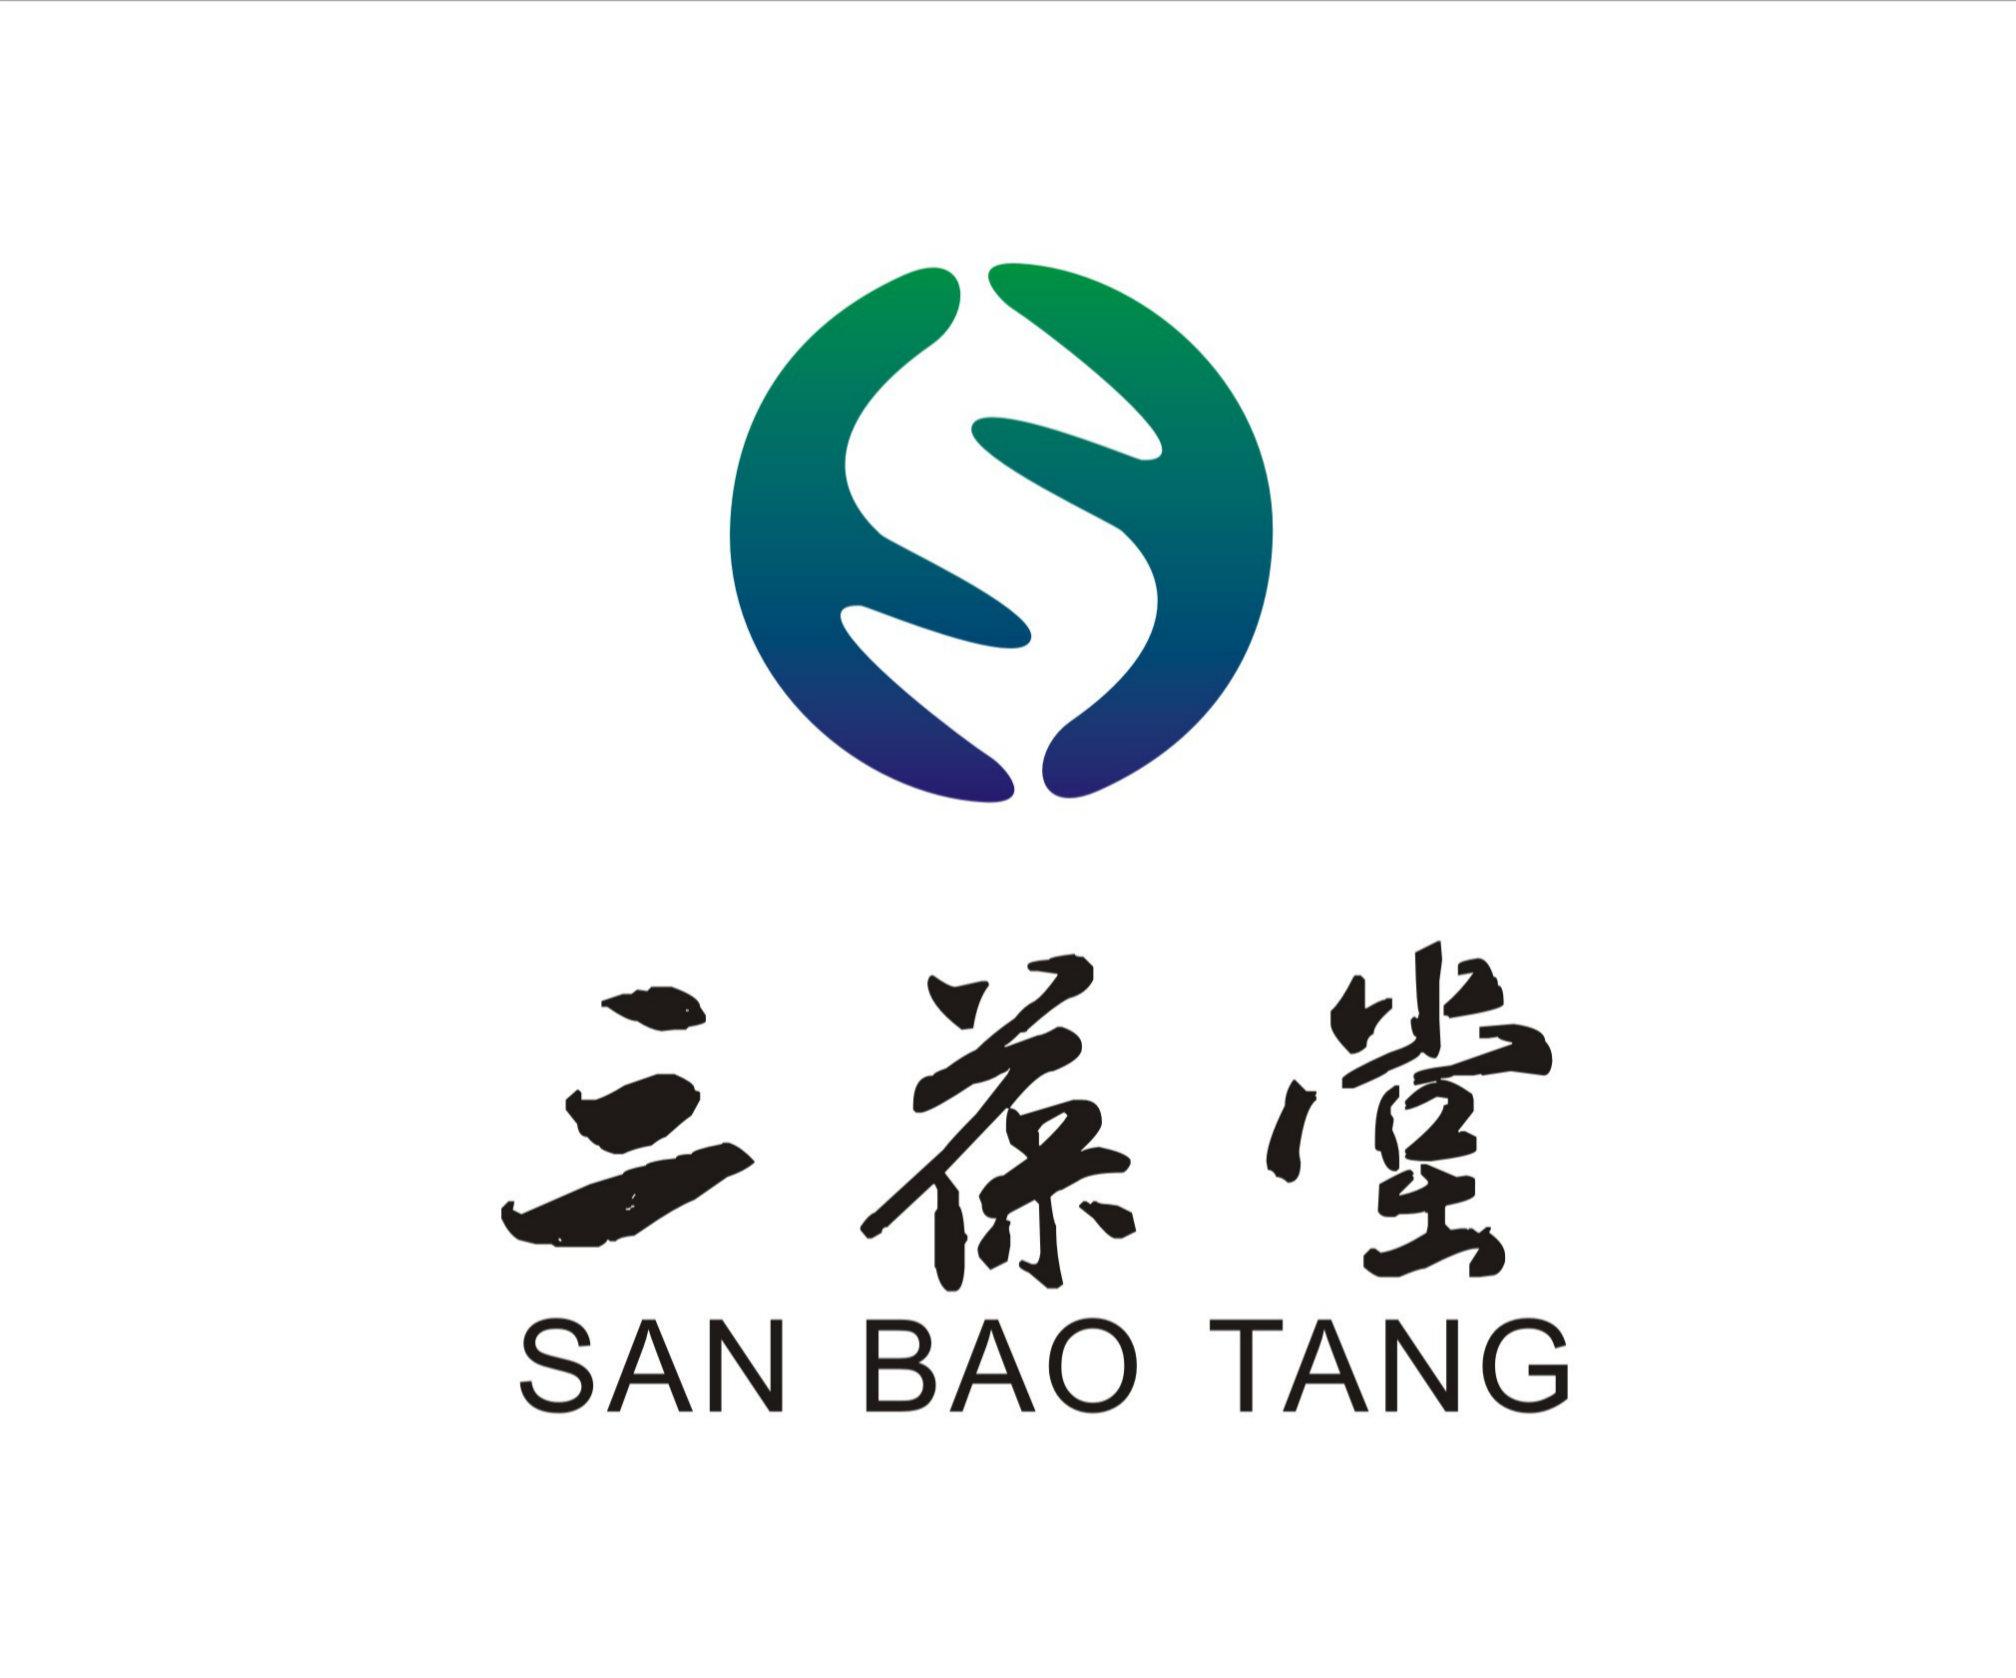 吉林省三葆堂生物科技有限公司